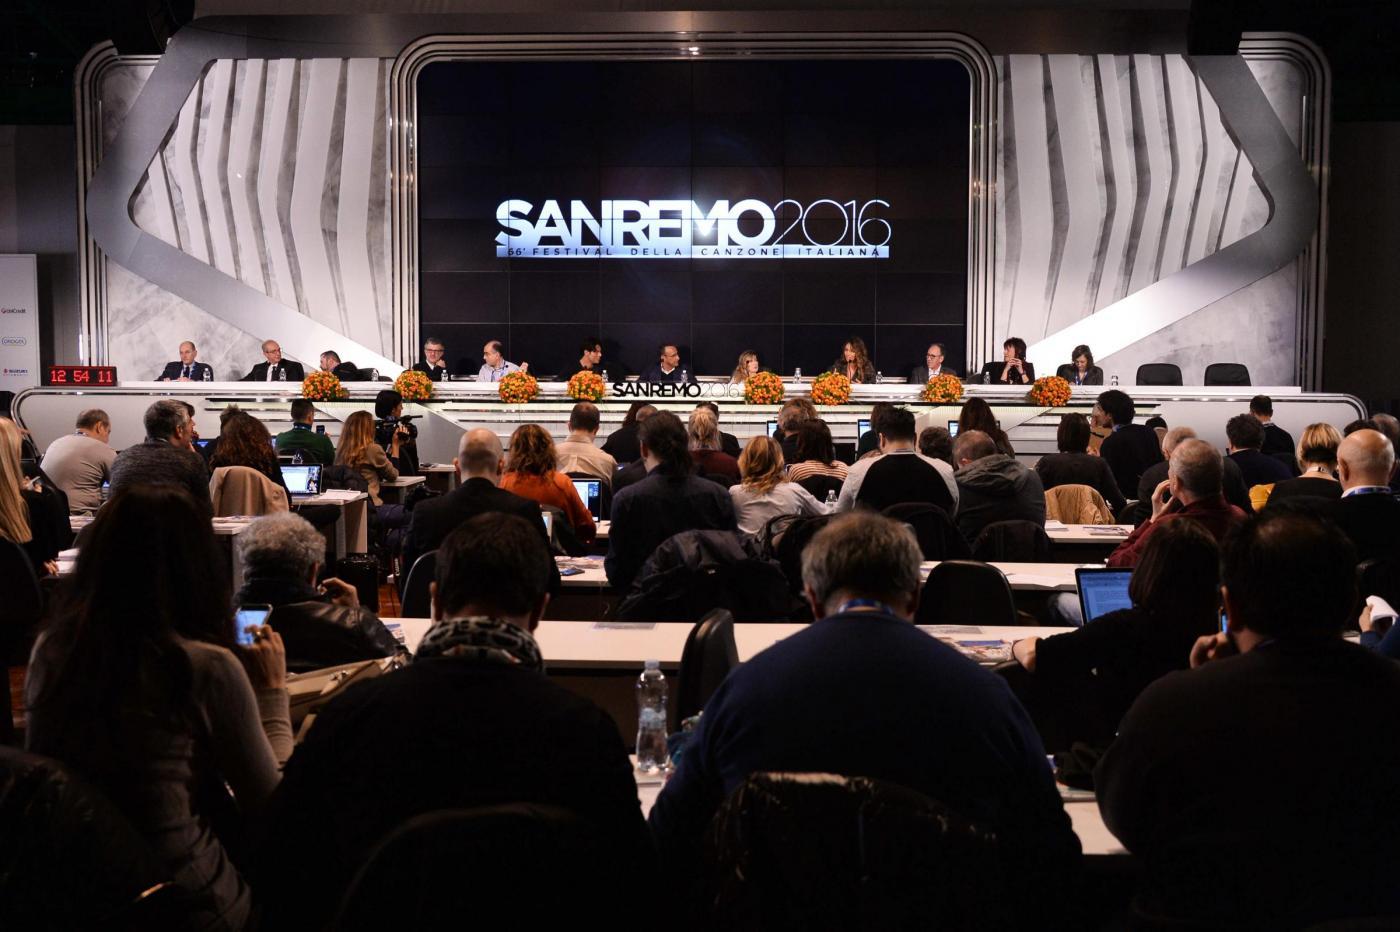 Diritti civili al Festival di Sanremo: è sempre stata una chimera parlarne